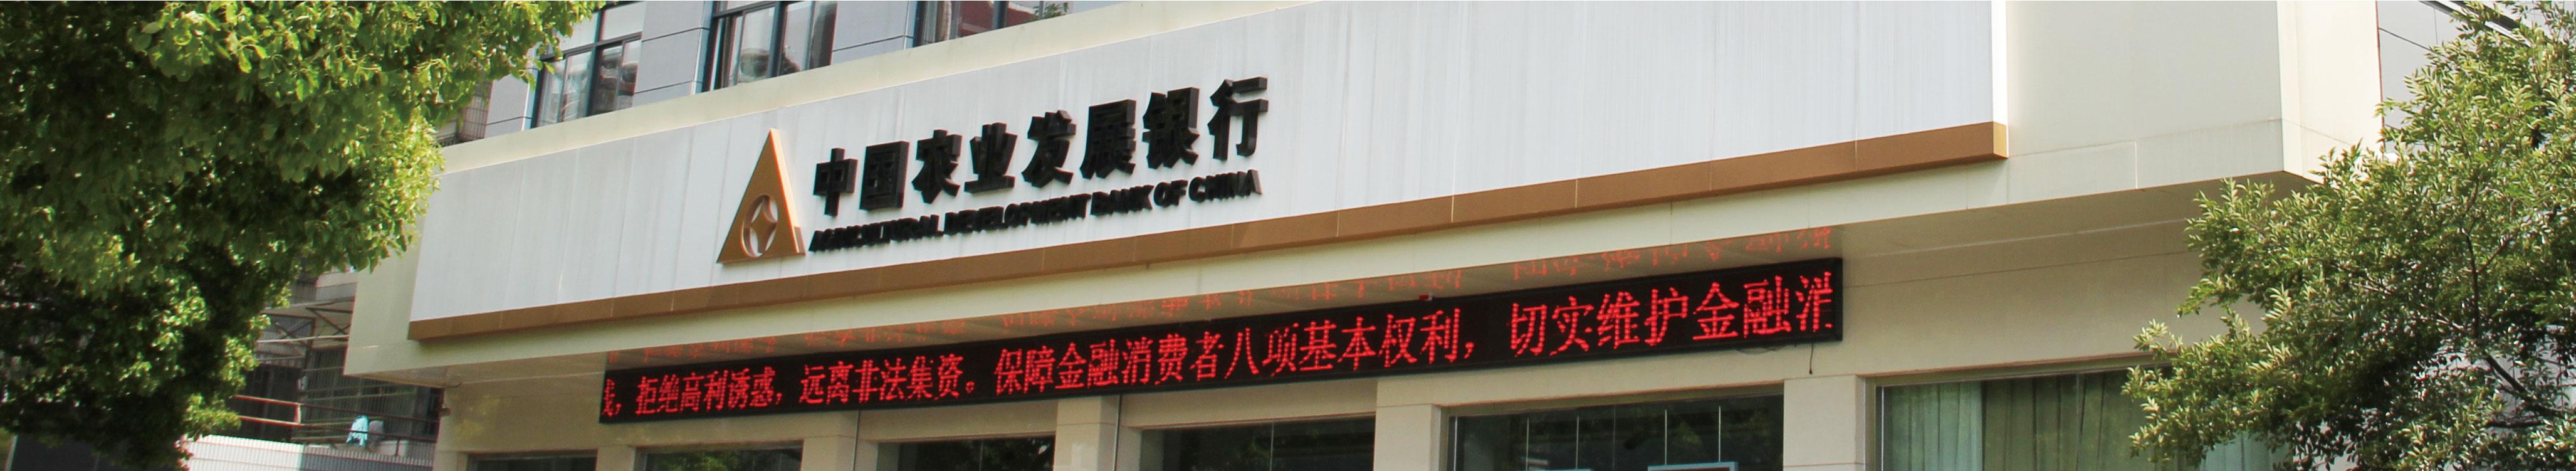 农业发展银行_02.jpg